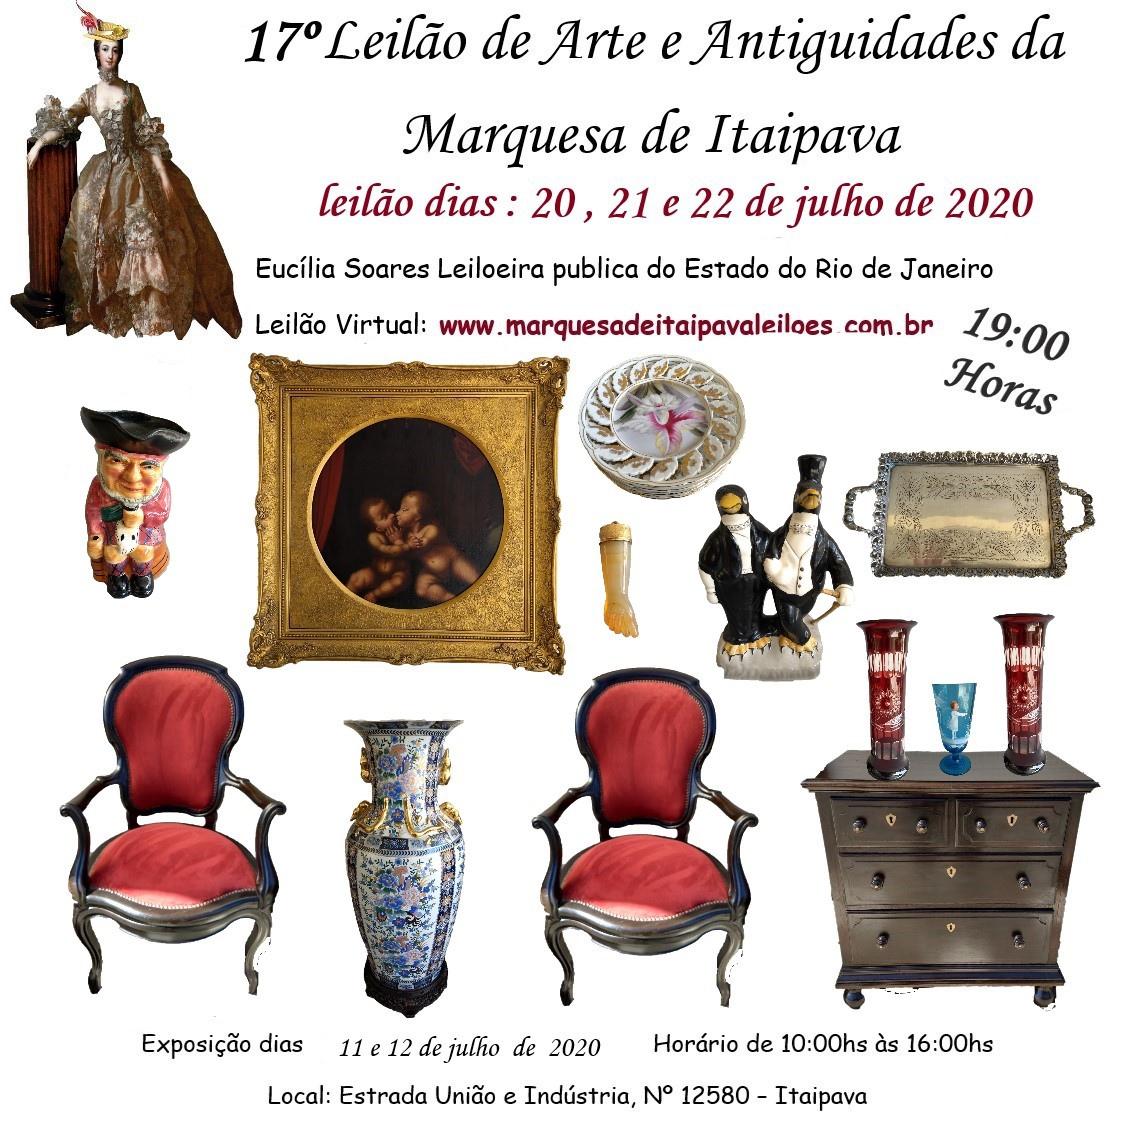 17º LEILÃO DE ARTE E ANTIGUIDADES  DA MARQUESA DE ITAIPAVA